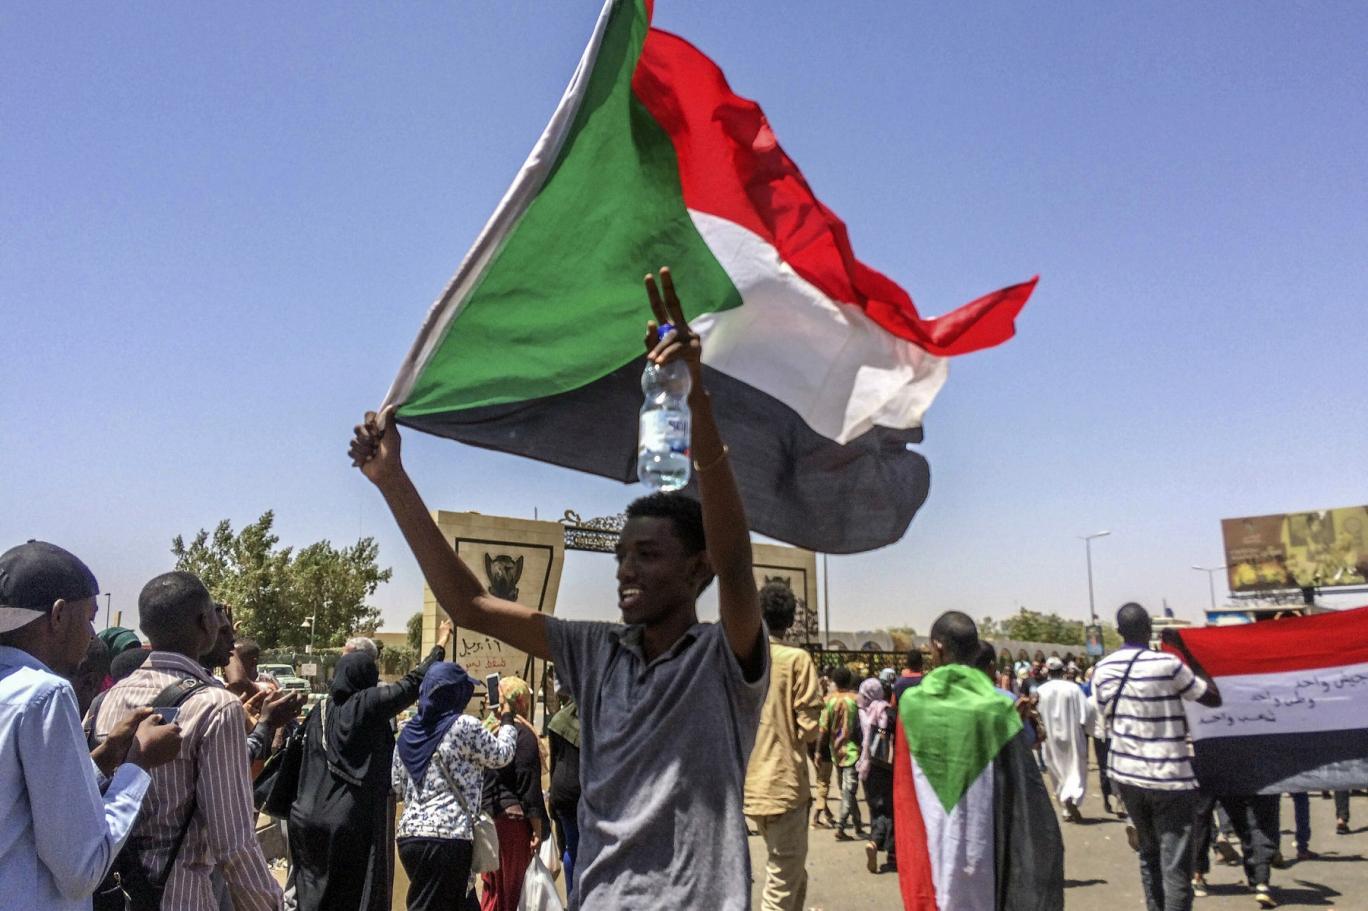 بدأ الحراك الشعبي في السودان احتجاجاً على رفع أسعار الخبز والوقود ثم تحول إلى دعوة إلى إسقاط نظام البشير (أ. ب)